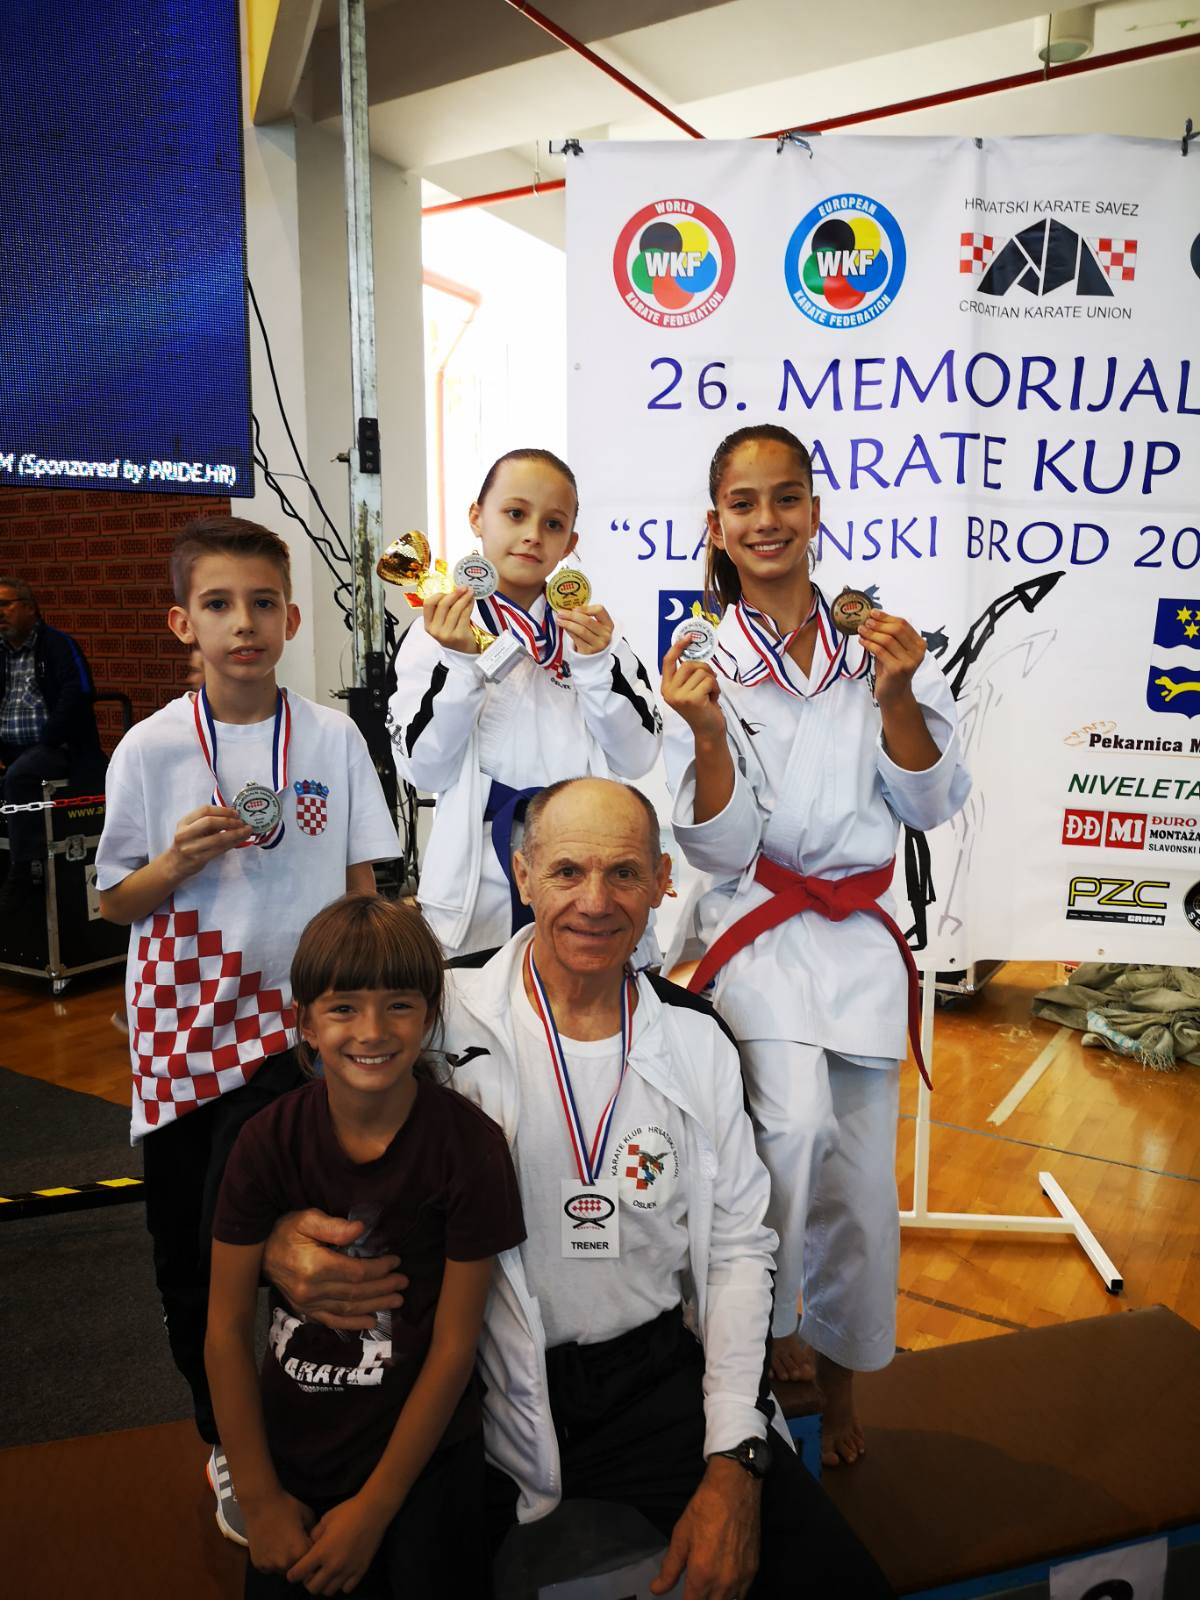 karate_21102019_osijeknews